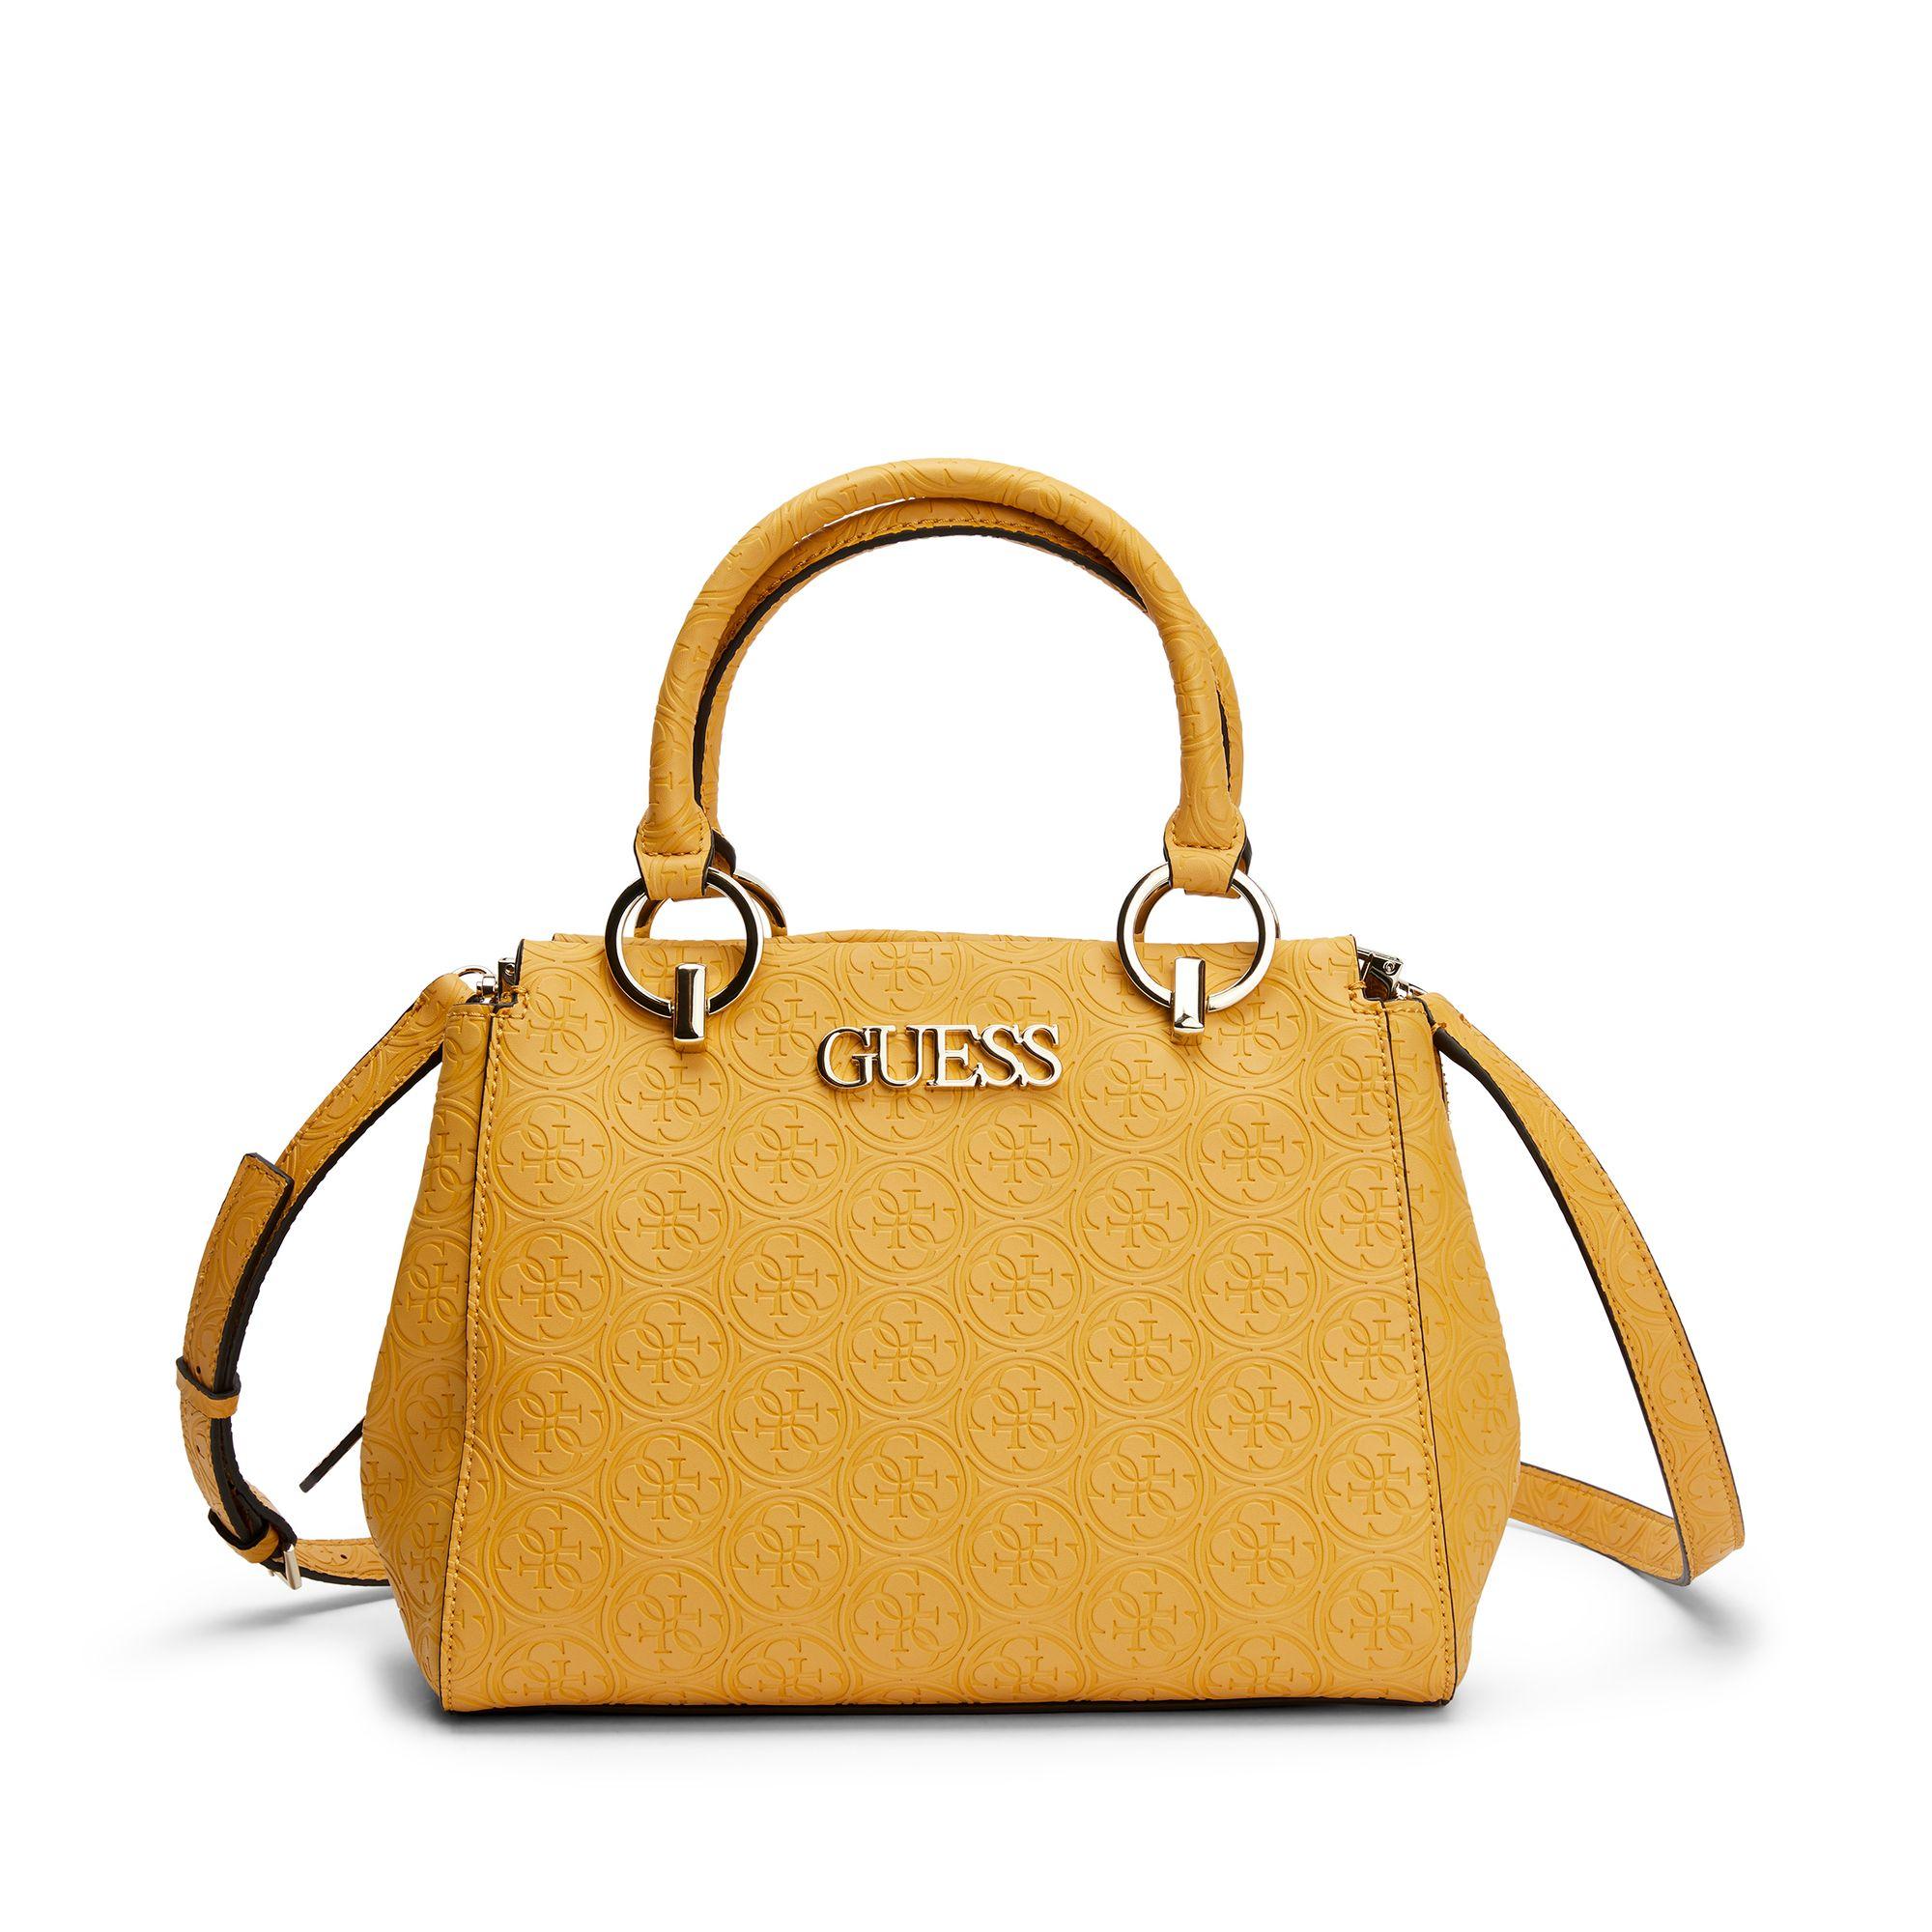 Handla väskor från Guess online: Guess Elliana Satchel